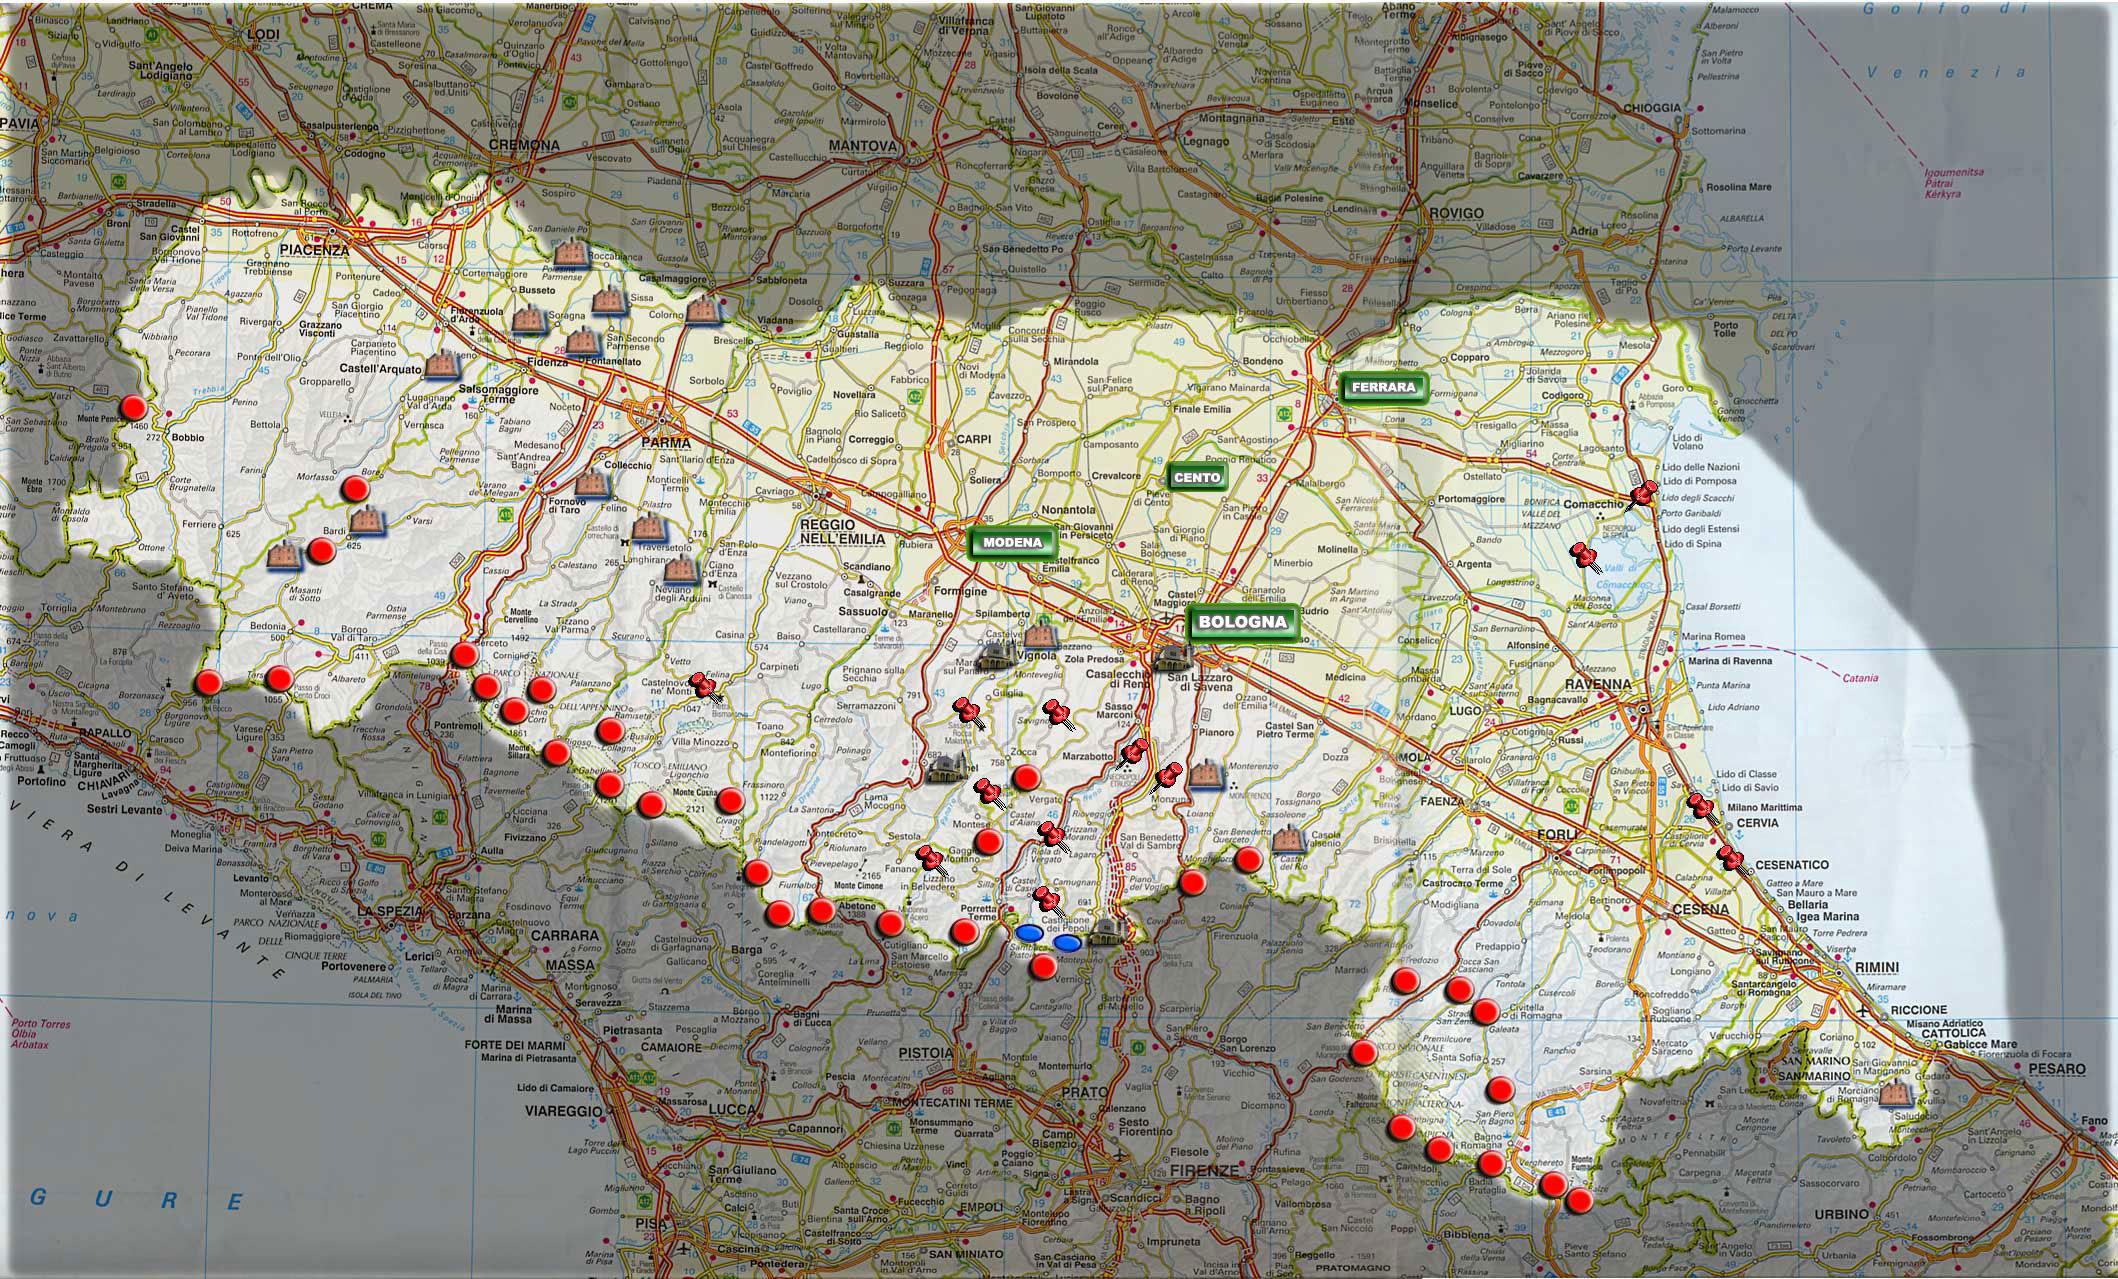 Cartina Della Emilia Romagna.La Mappa Interattiva Dell Emilia Romagna